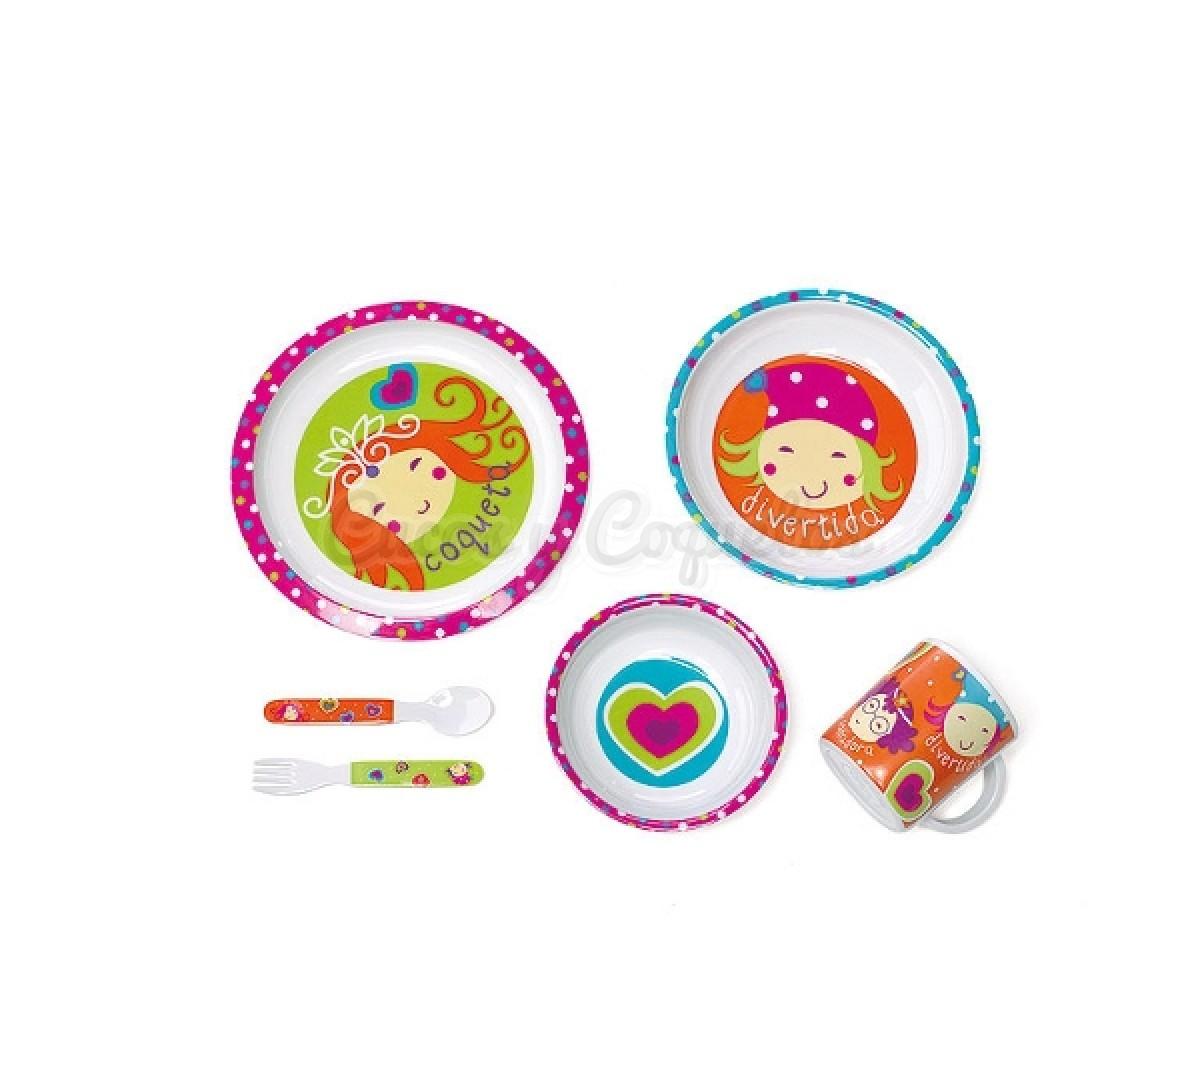 Vajilla 6 piezas de ni as regalos para beb s for Vajillas bebe personalizadas